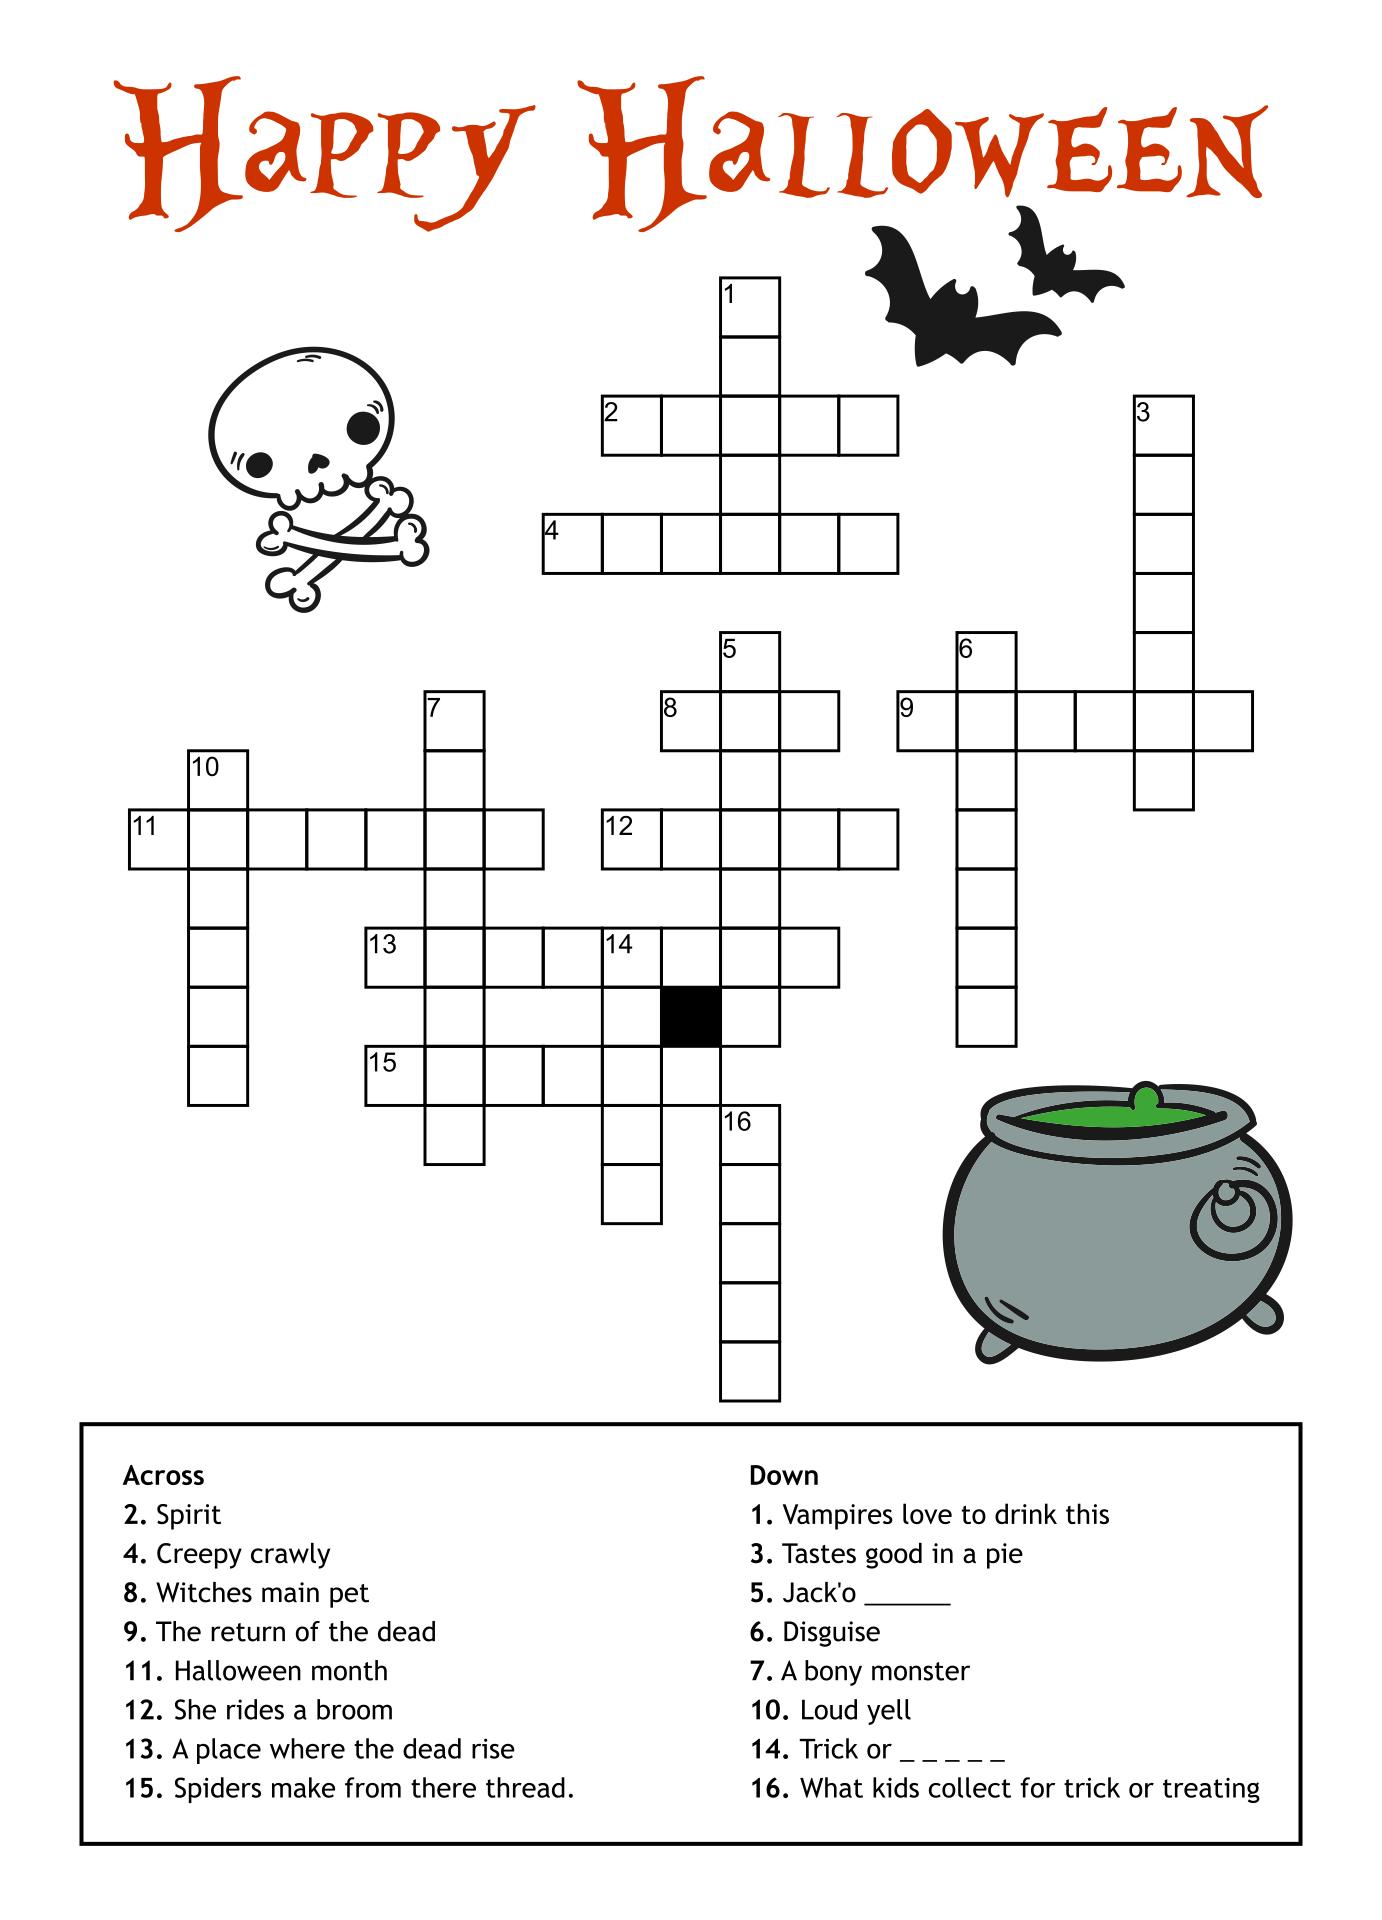 Halloween Crossword Puzzles Printable